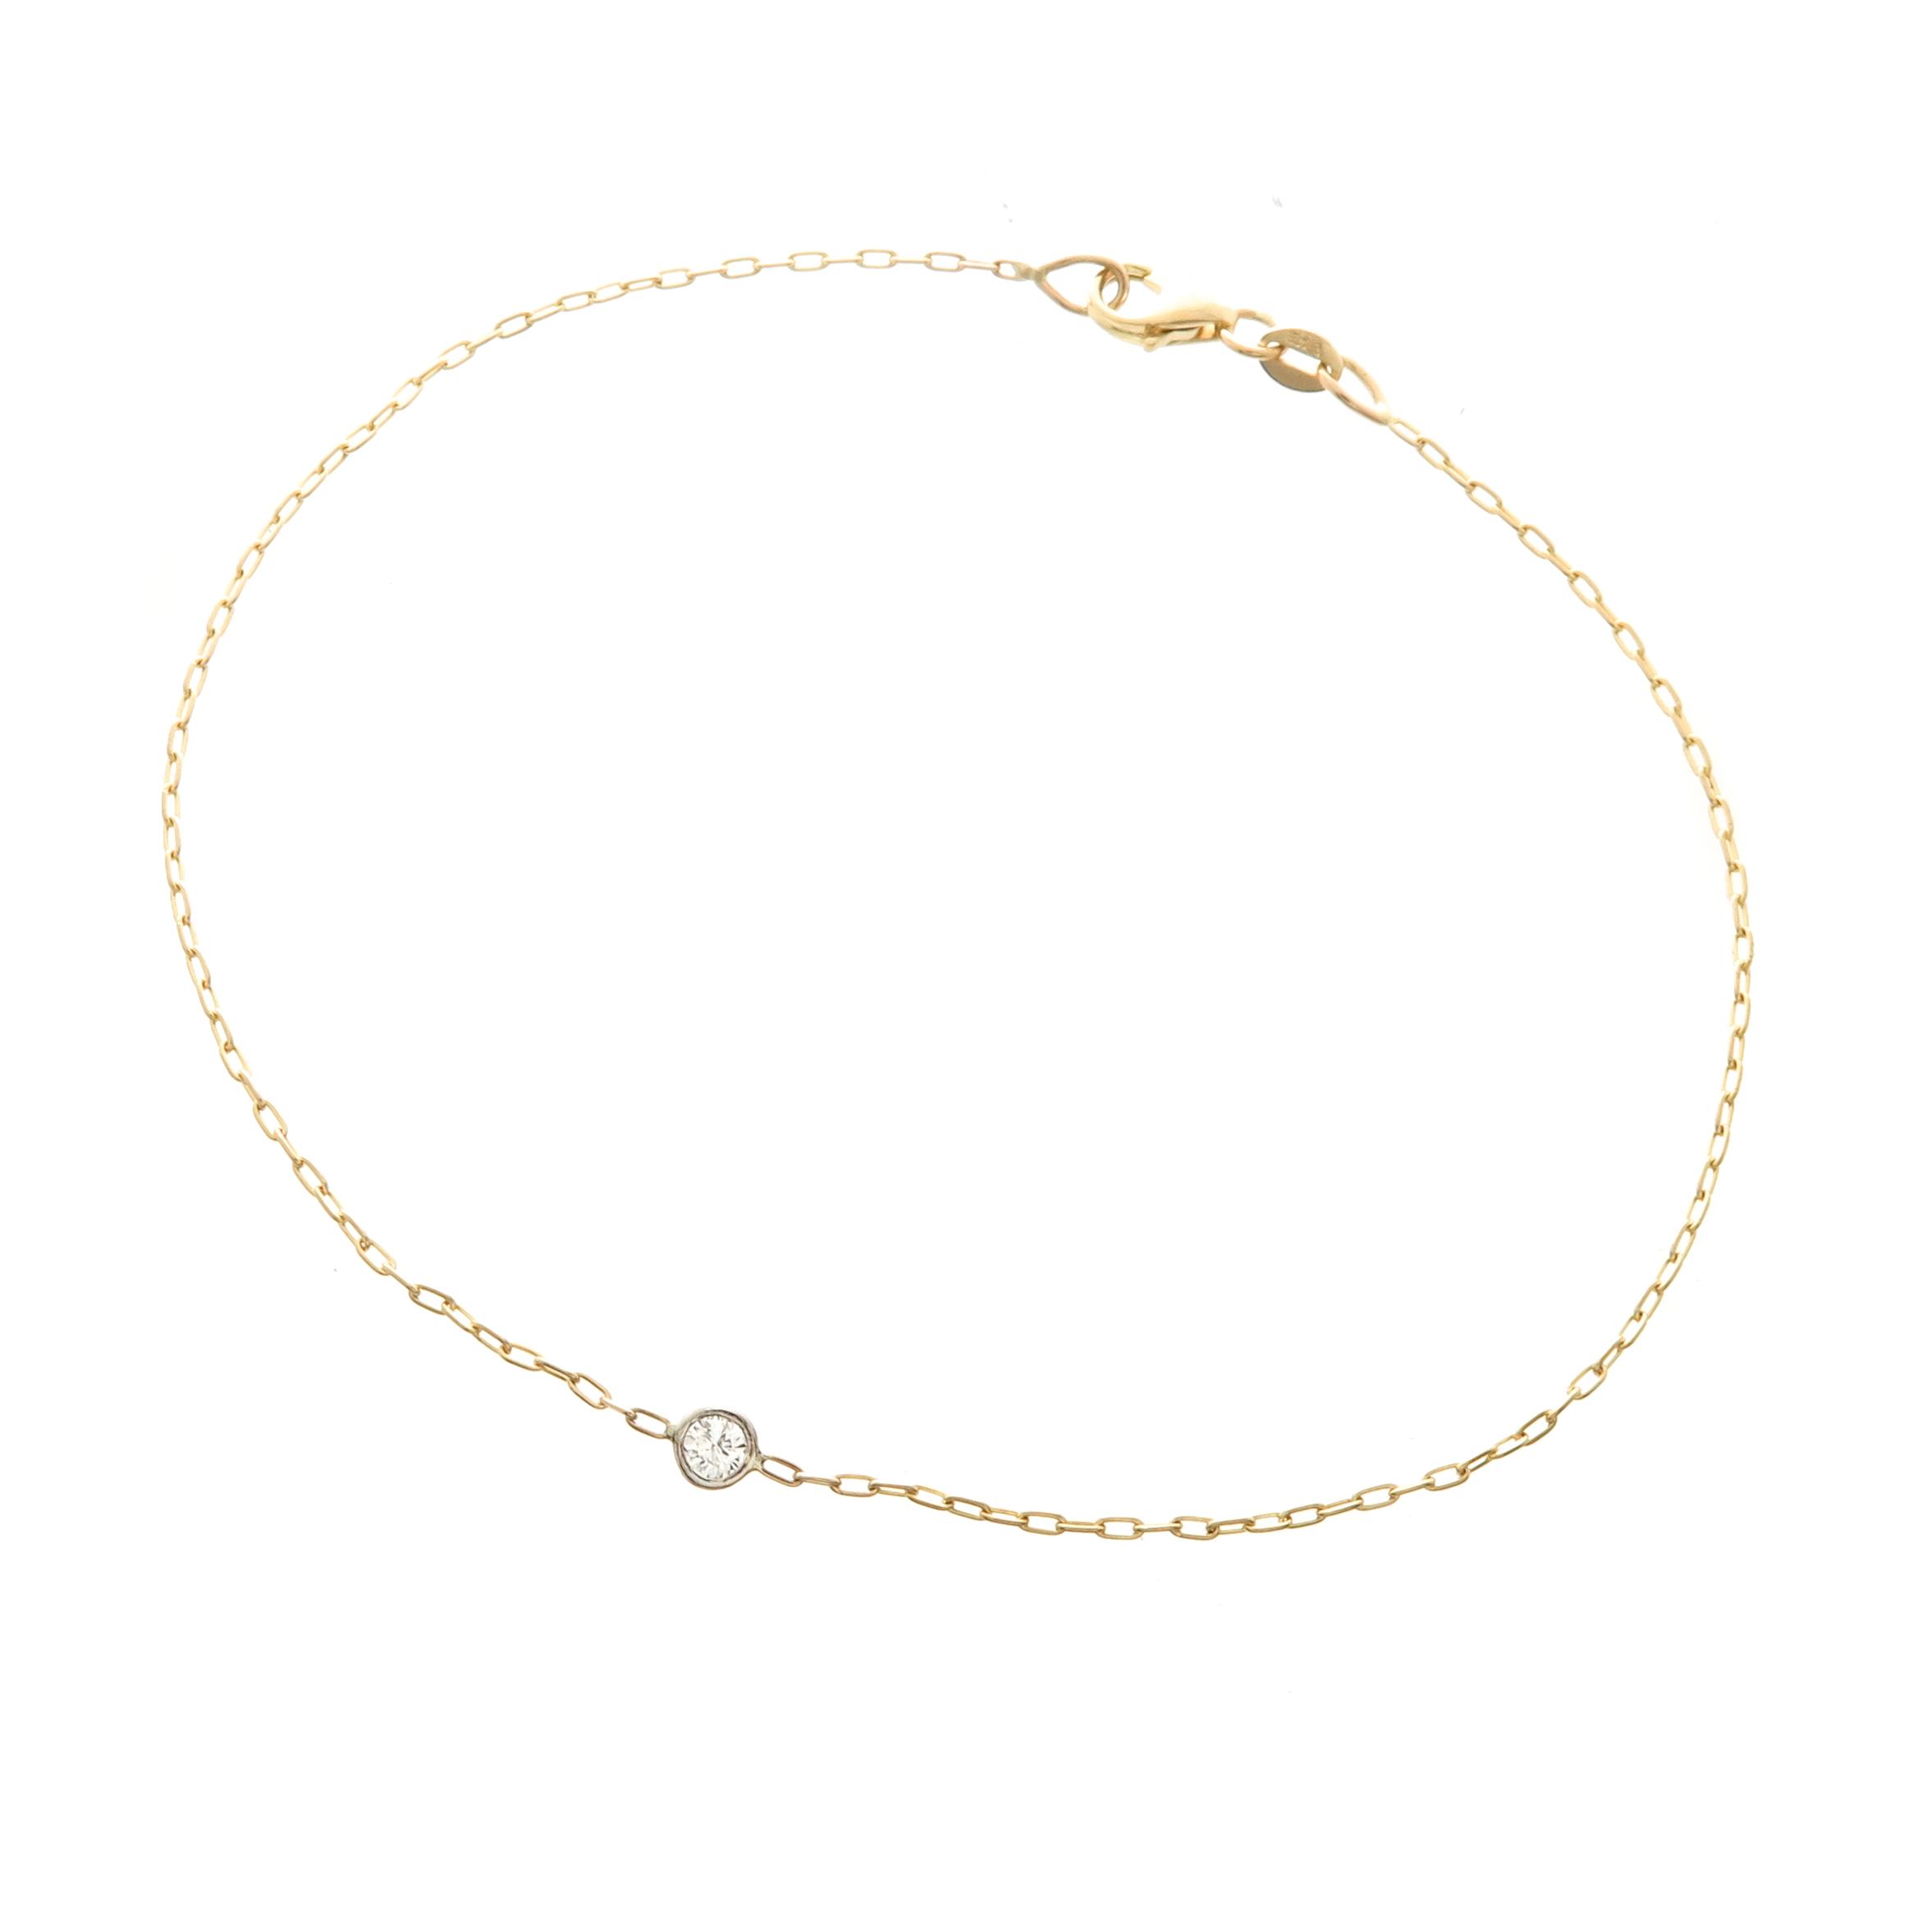 One-diamond-bracelet-by-kerry-gilligan.jpg